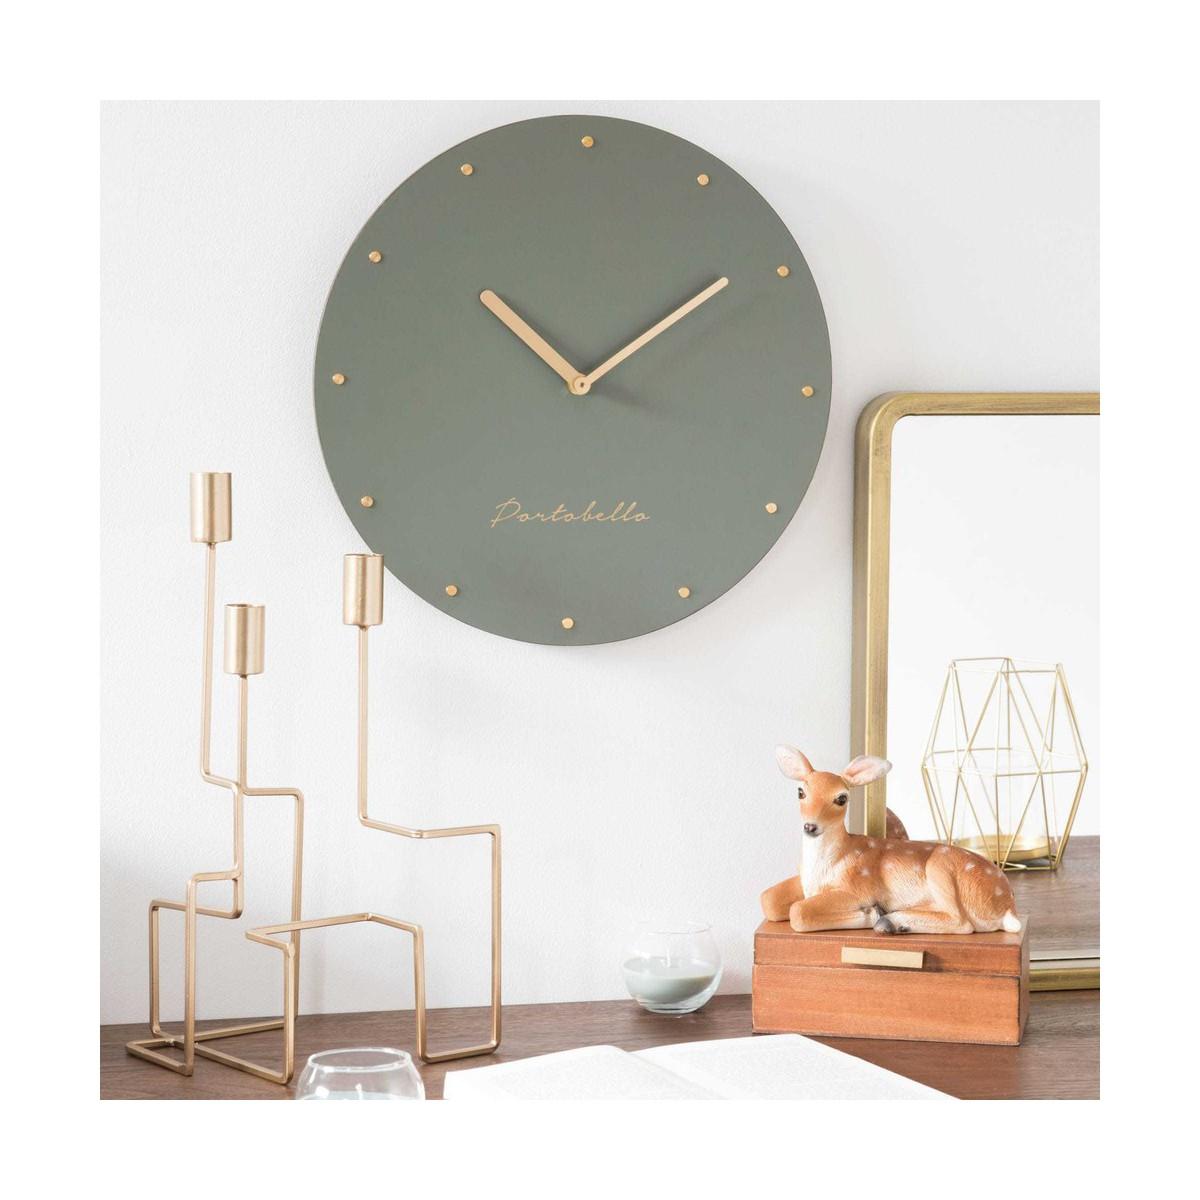 49e080740b3033 ... horloge-d-34-cm-bolton-1000-5-31-